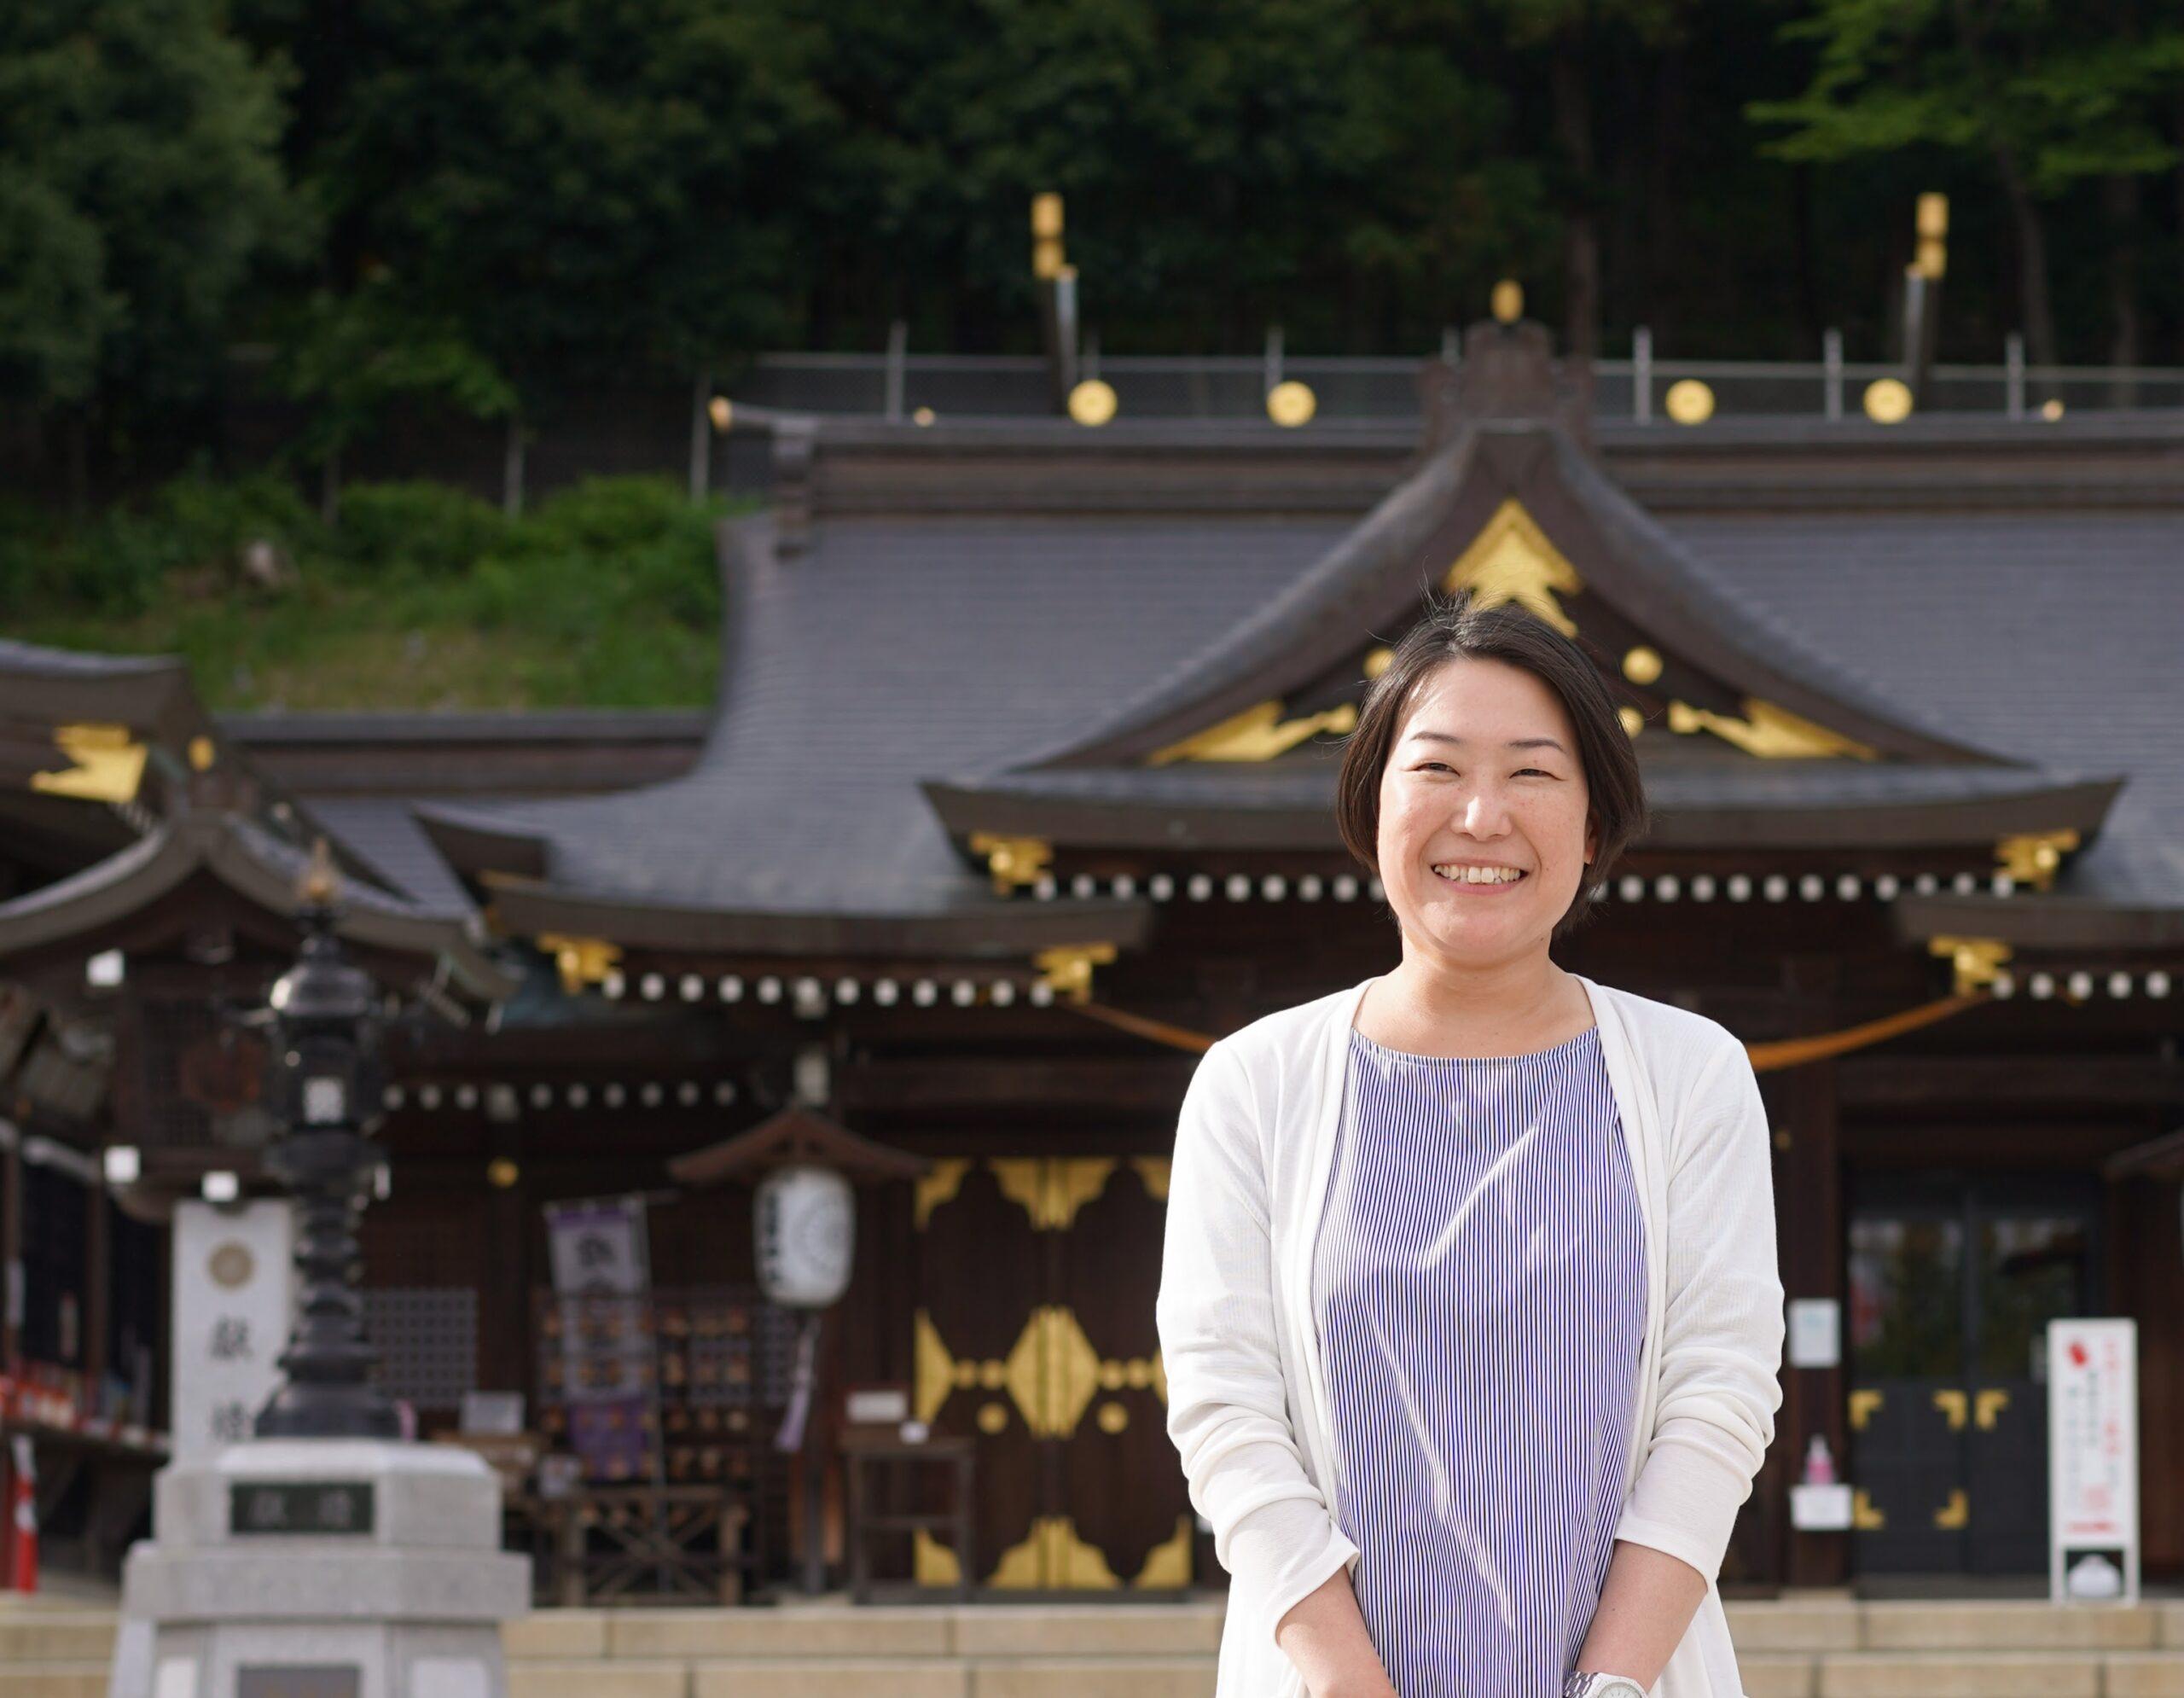 「移住したことに一番驚いているのは、私自身なんです」〜福島市移住者インタビューVol.1 森礼子さん